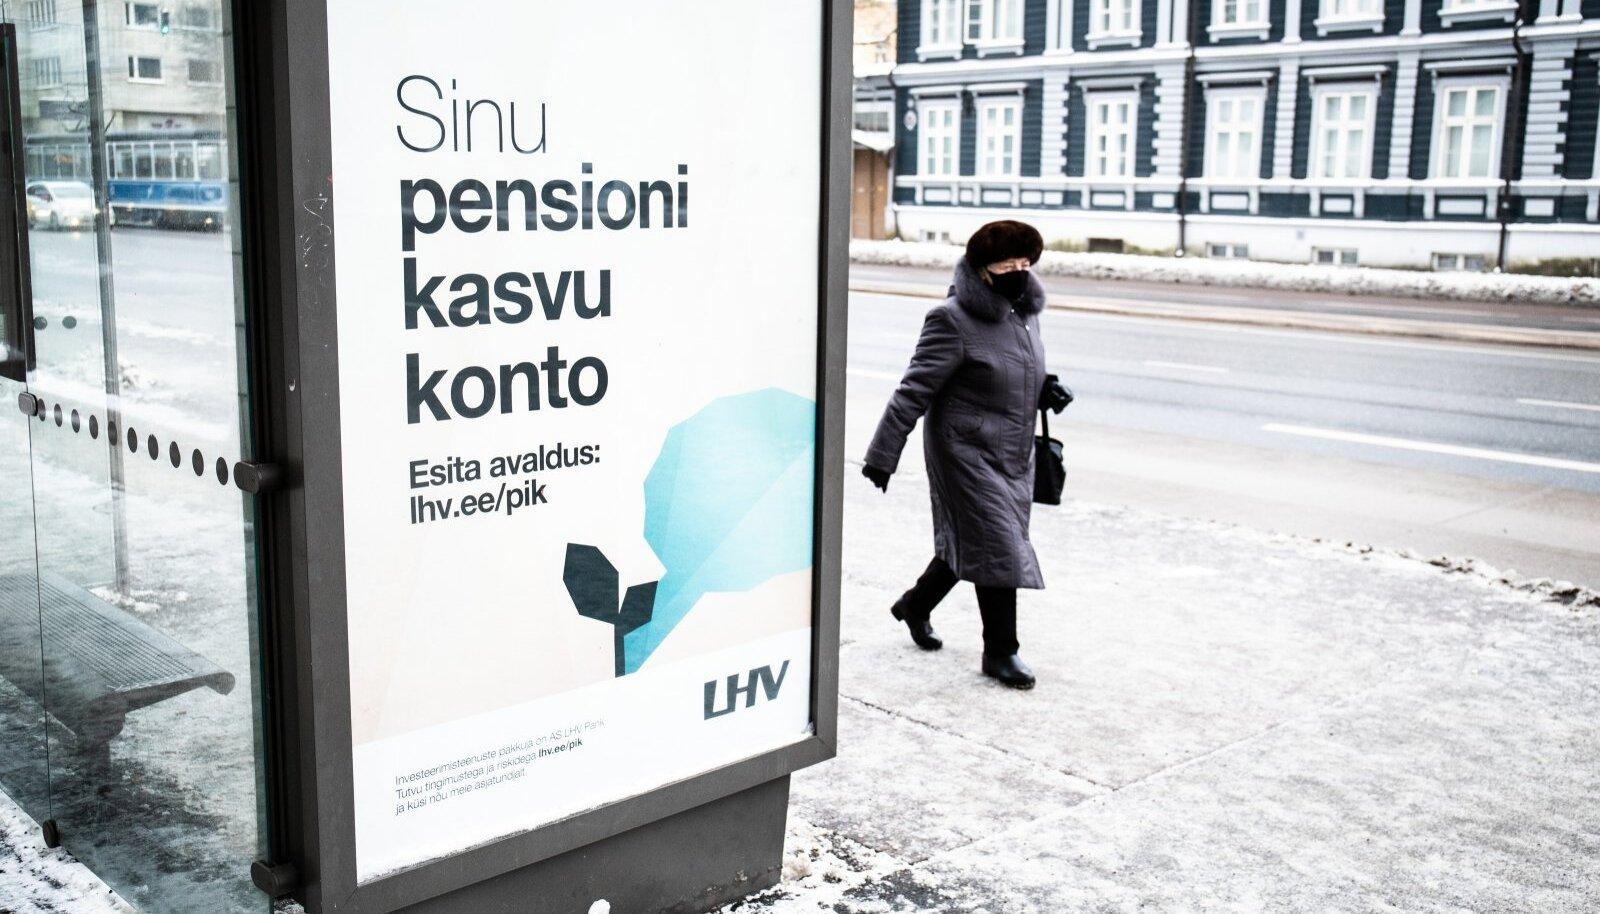 LHV pensioni investeerimiskonto välireklaam